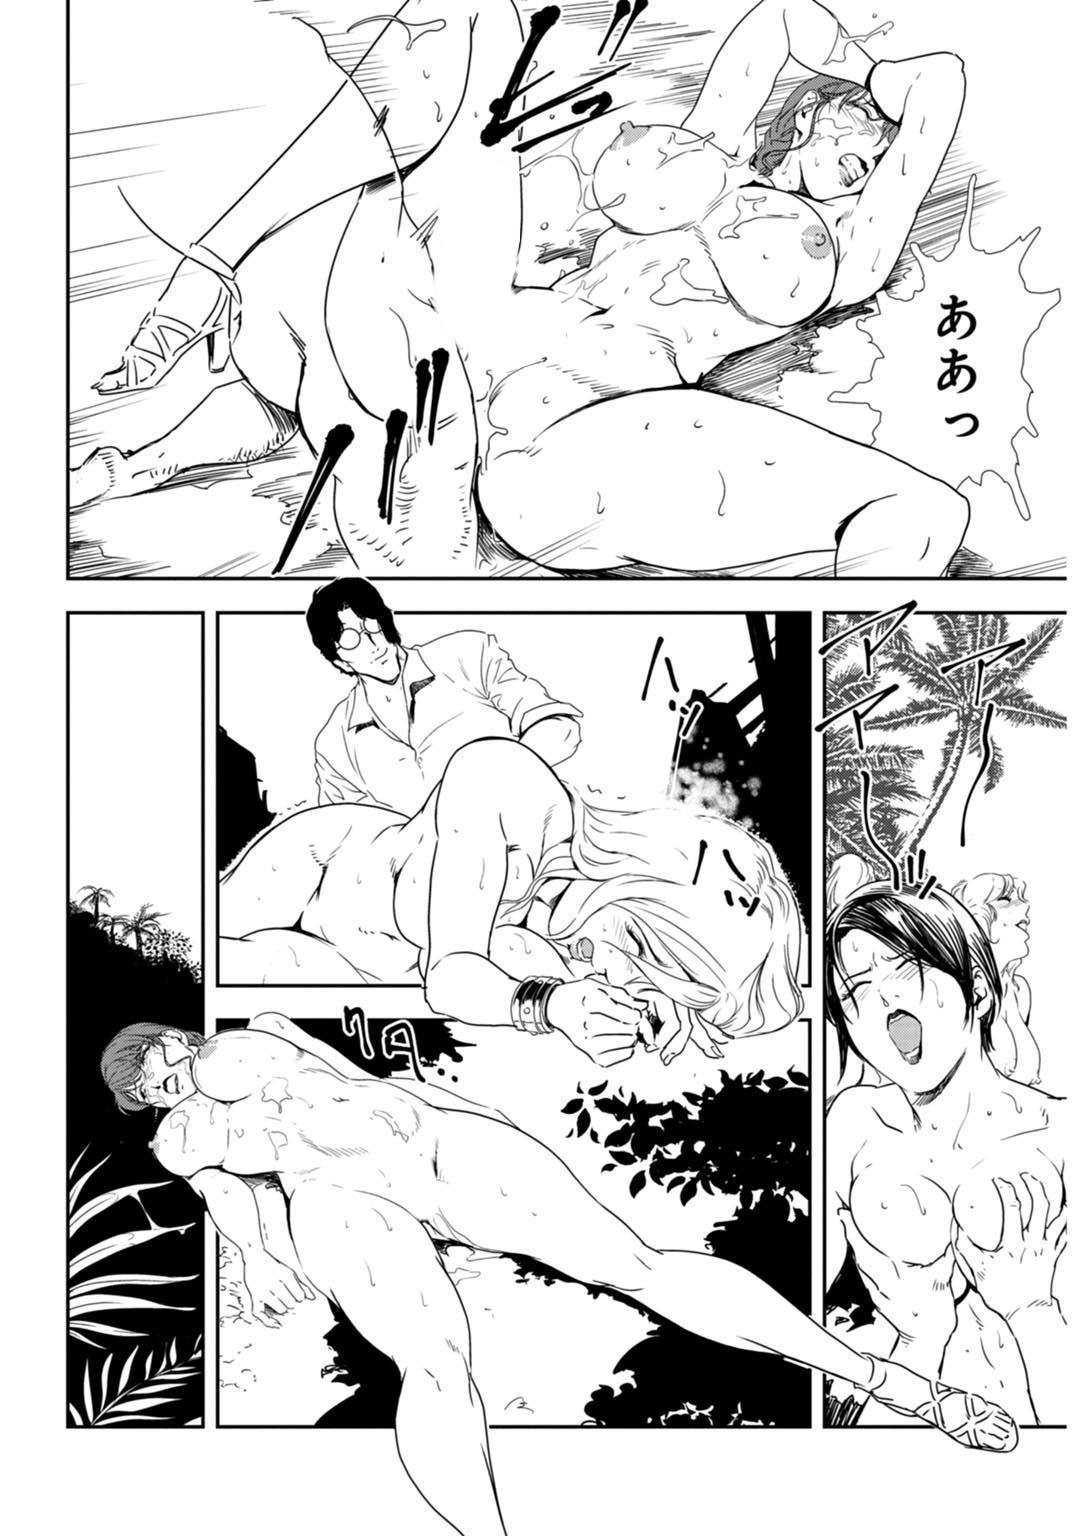 Nikuhisyo Yukiko 27 24